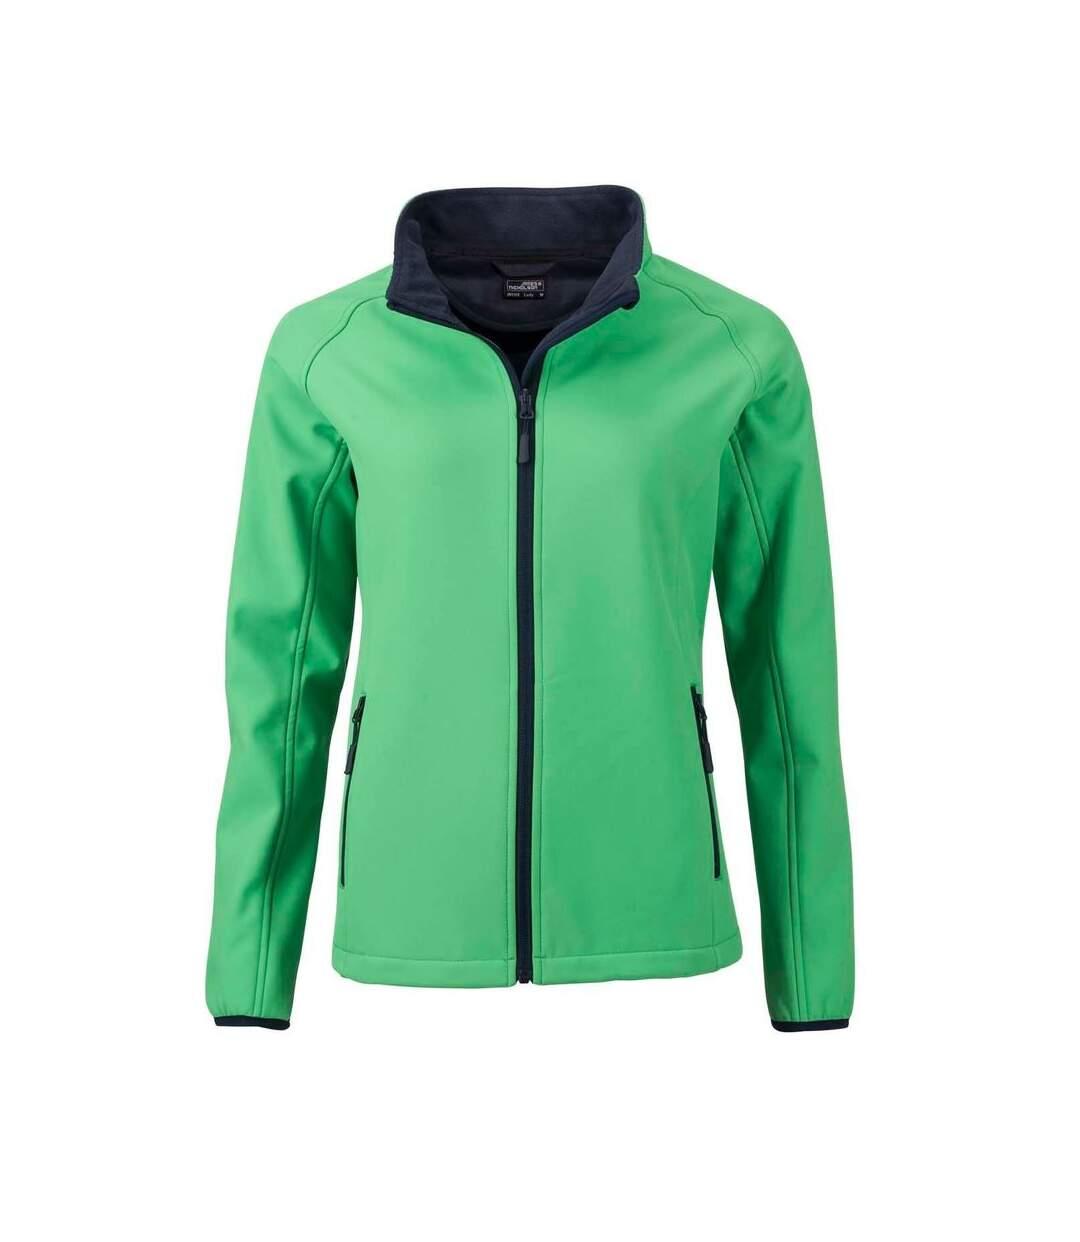 Veste softshell performance R230F Femme vert – Soldes